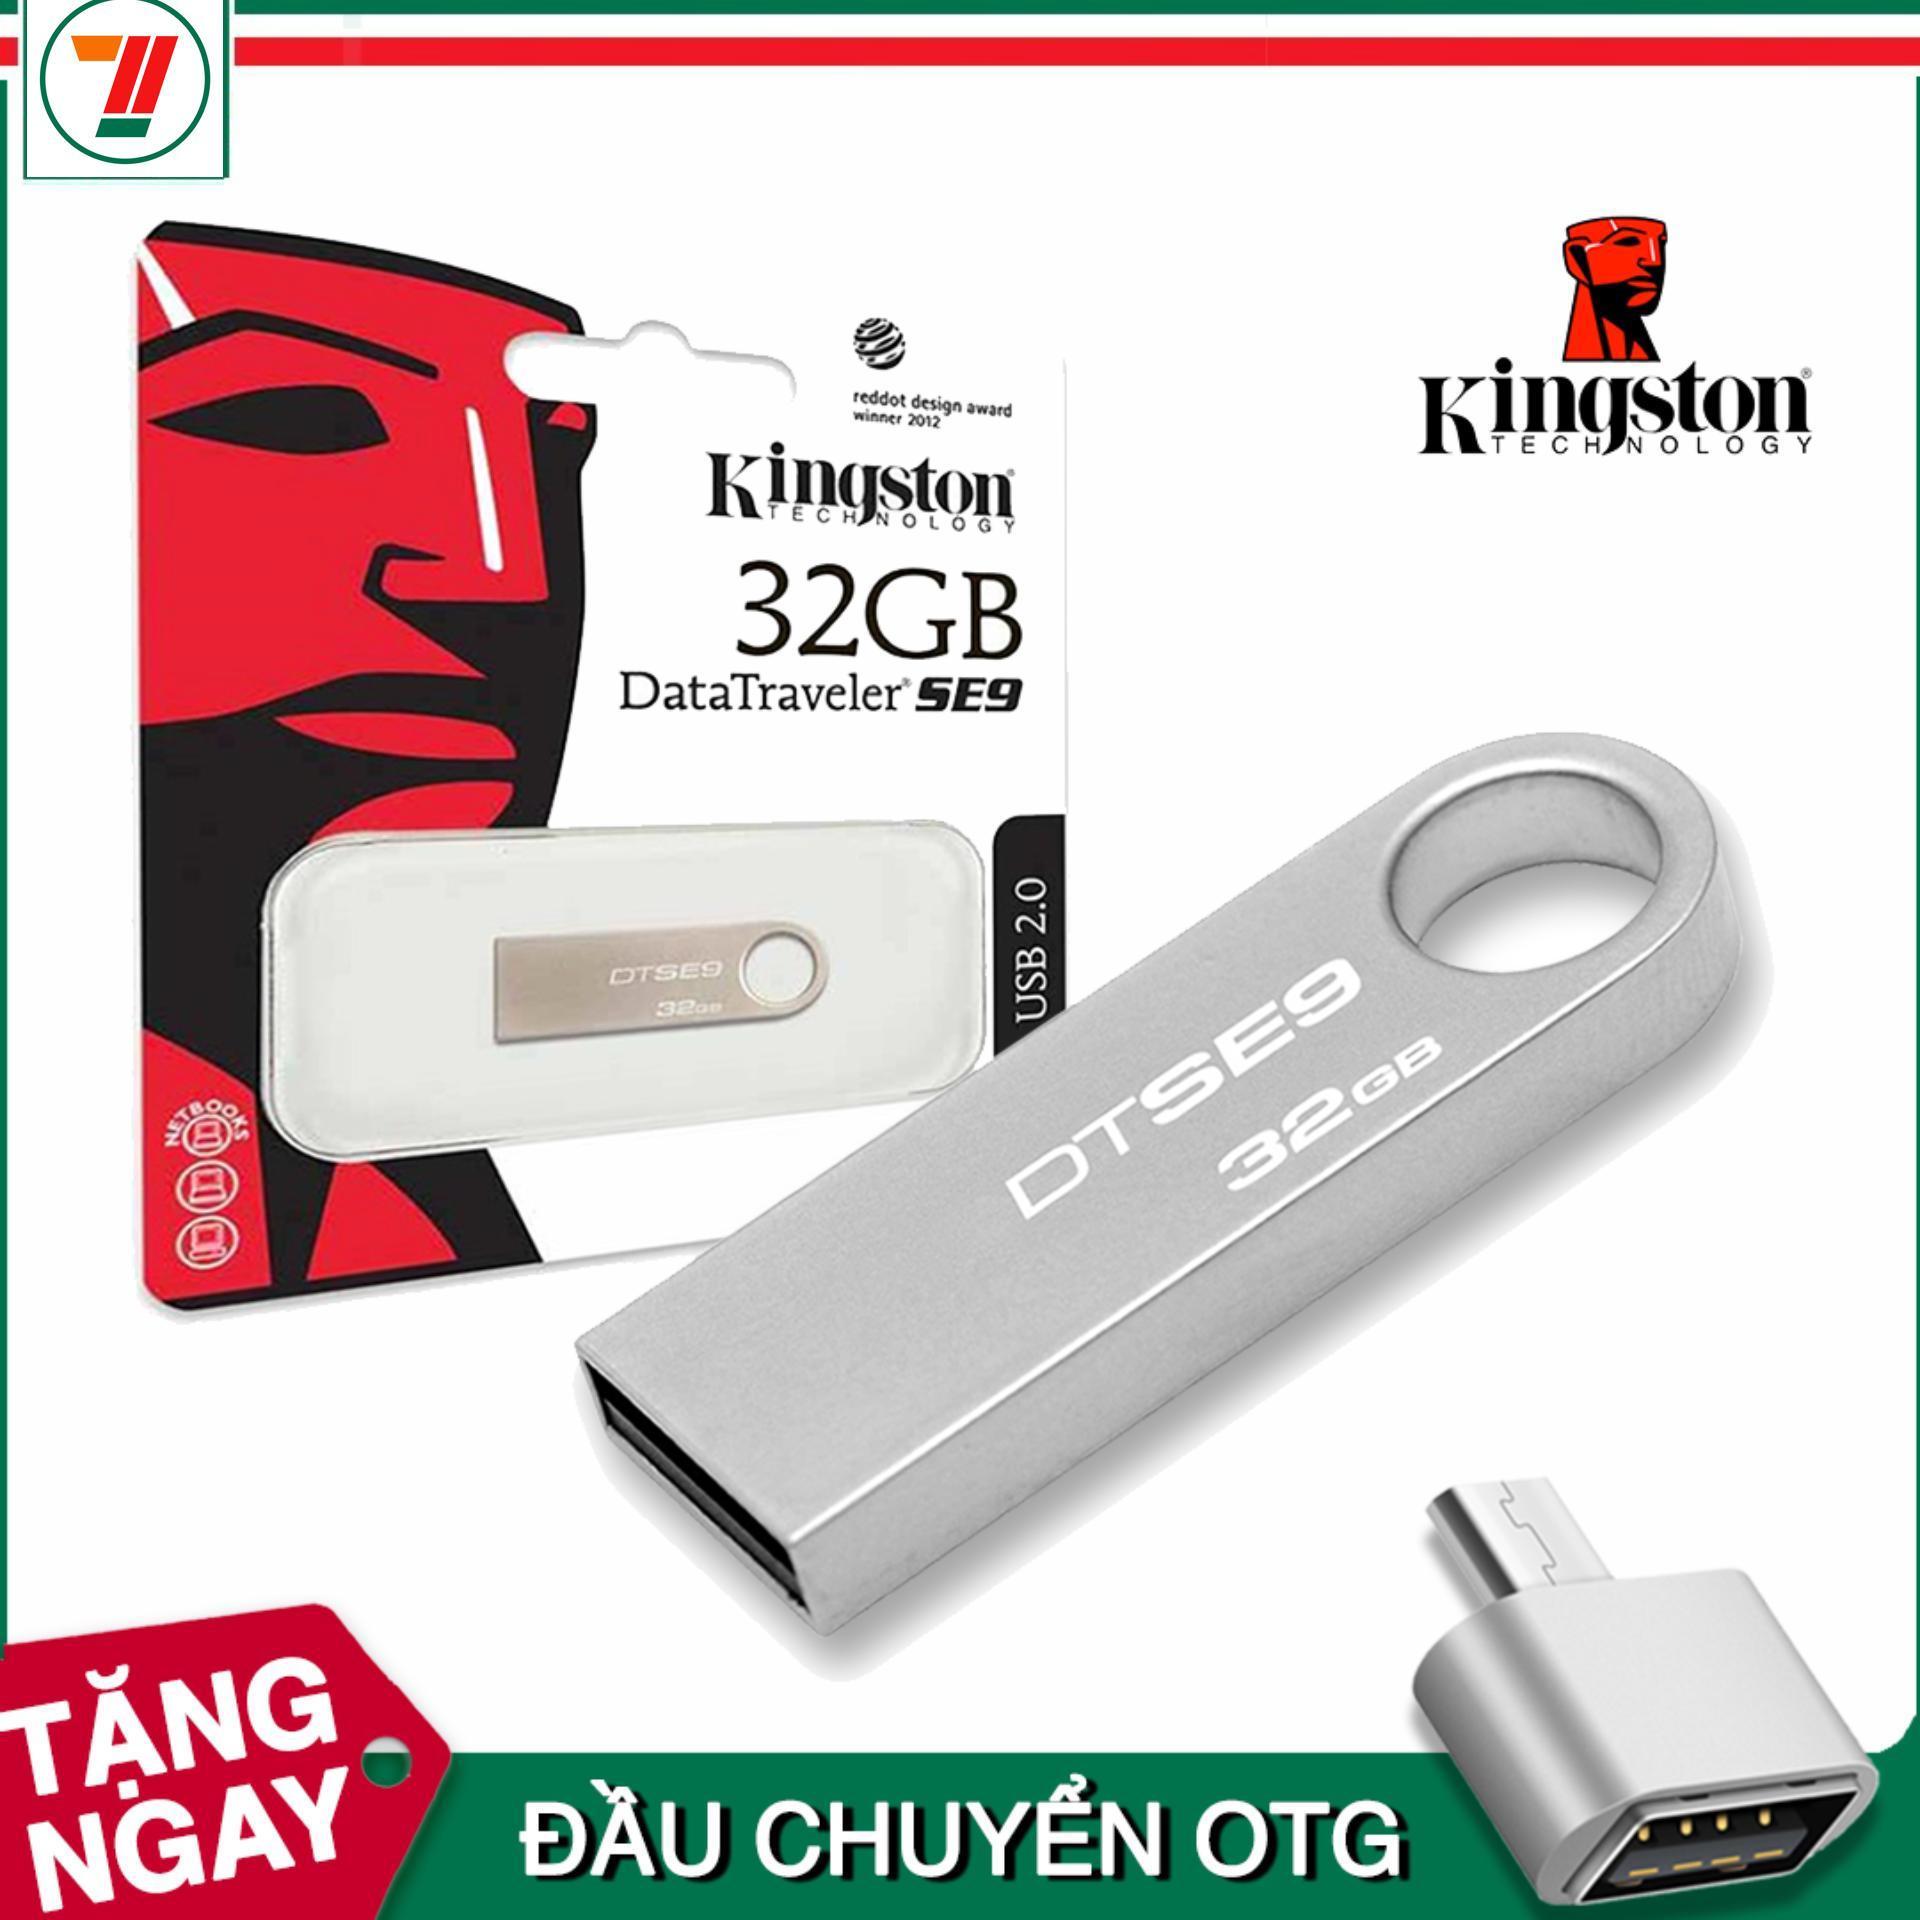 [Tặng OTG USB] USB 32GB thương hiệu Kingston tặng kèm đầu chuyển OTG Nhật Bản